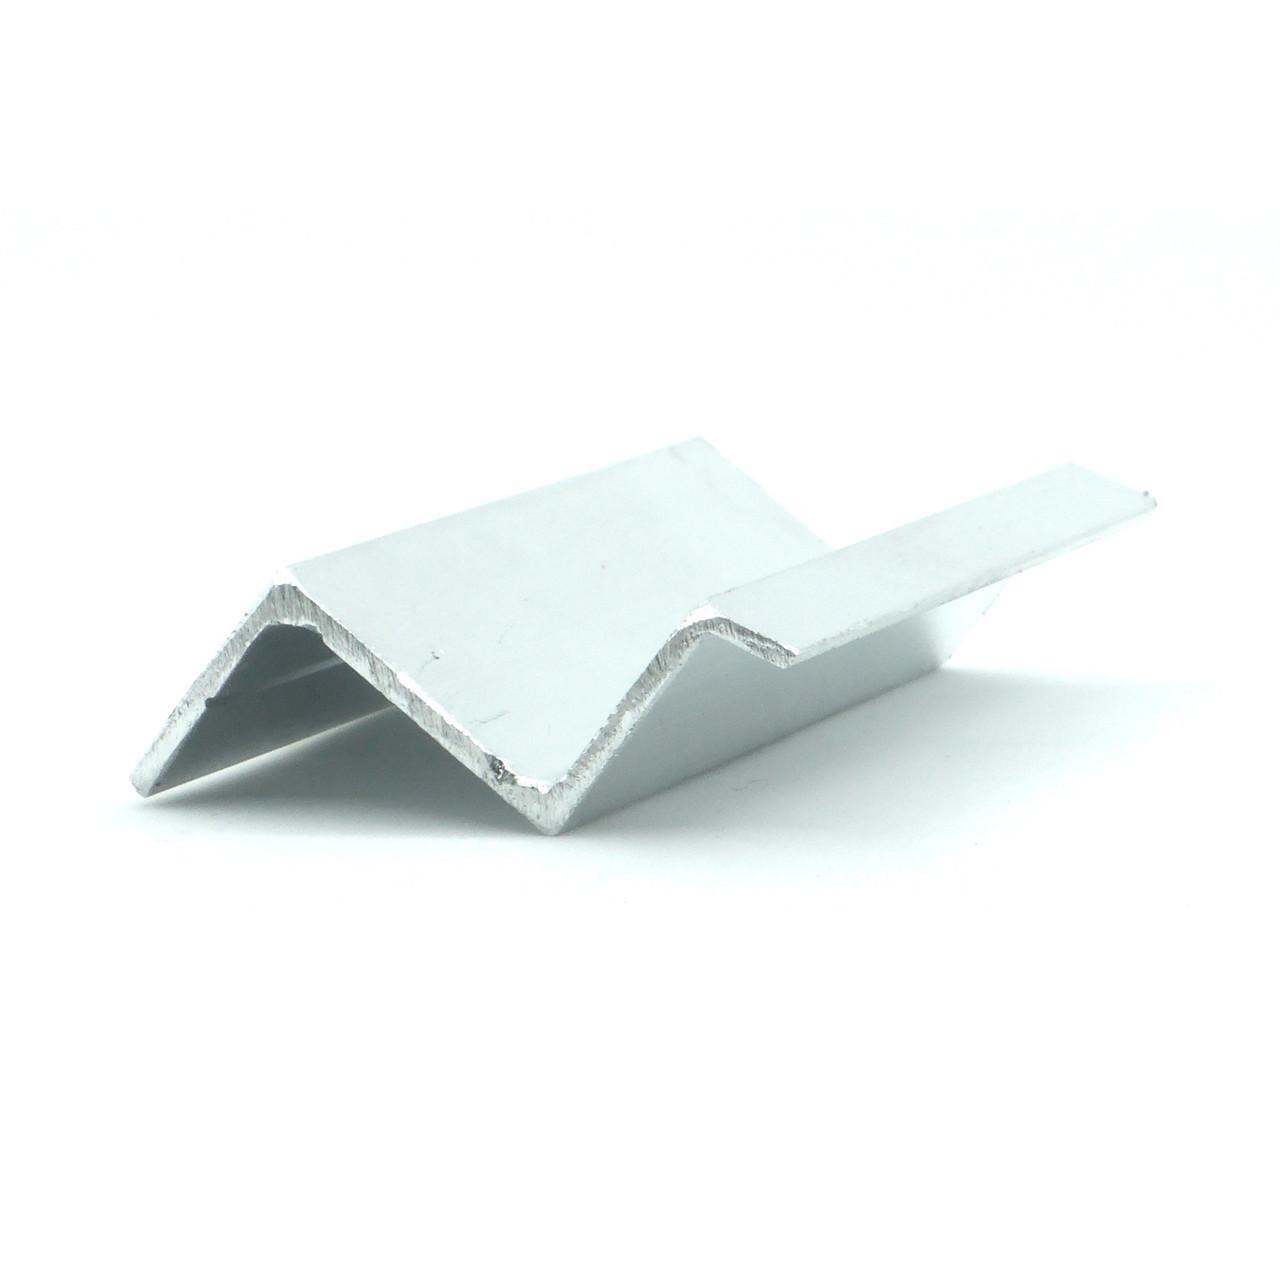 Профиль алюминиевый - Z-образный для многоуровневых натяжных потолков. Длина профиля 2,5 м.